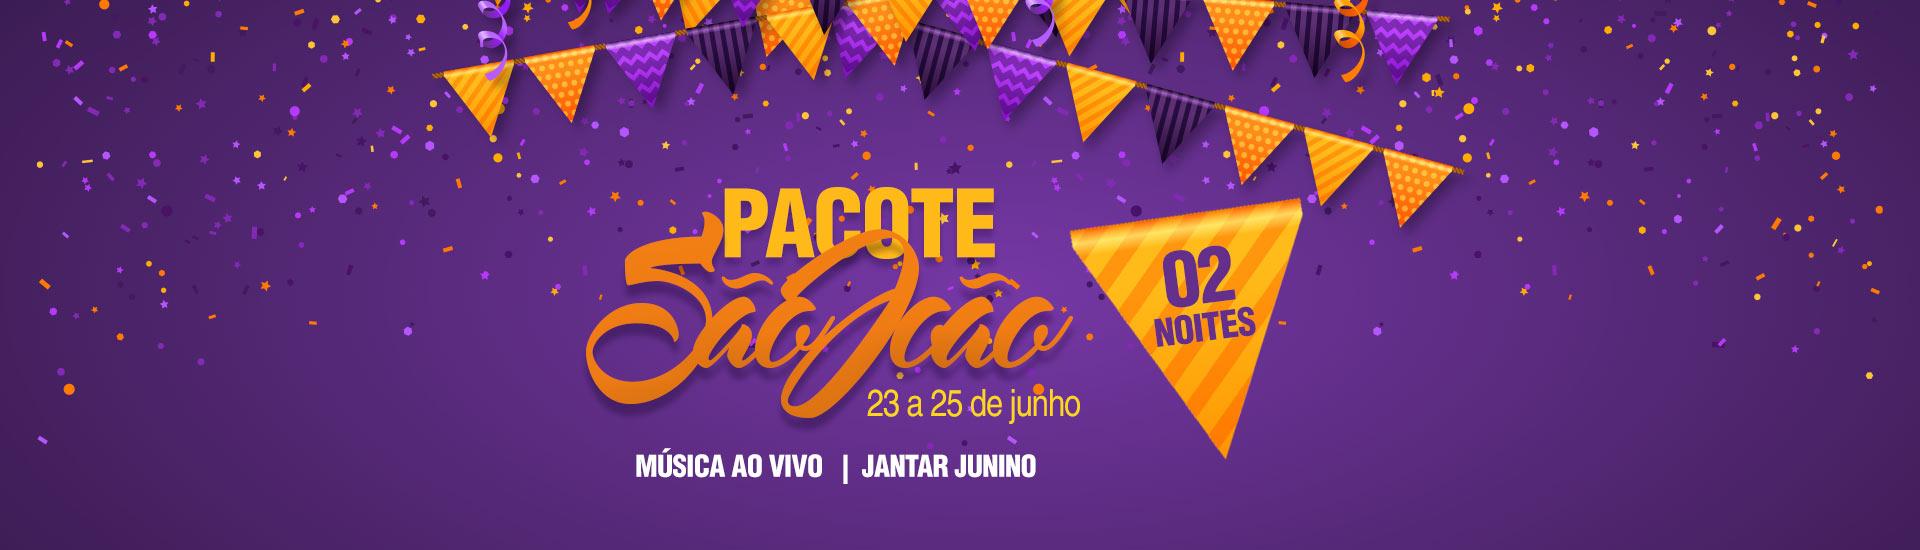 Pacote São João 2017